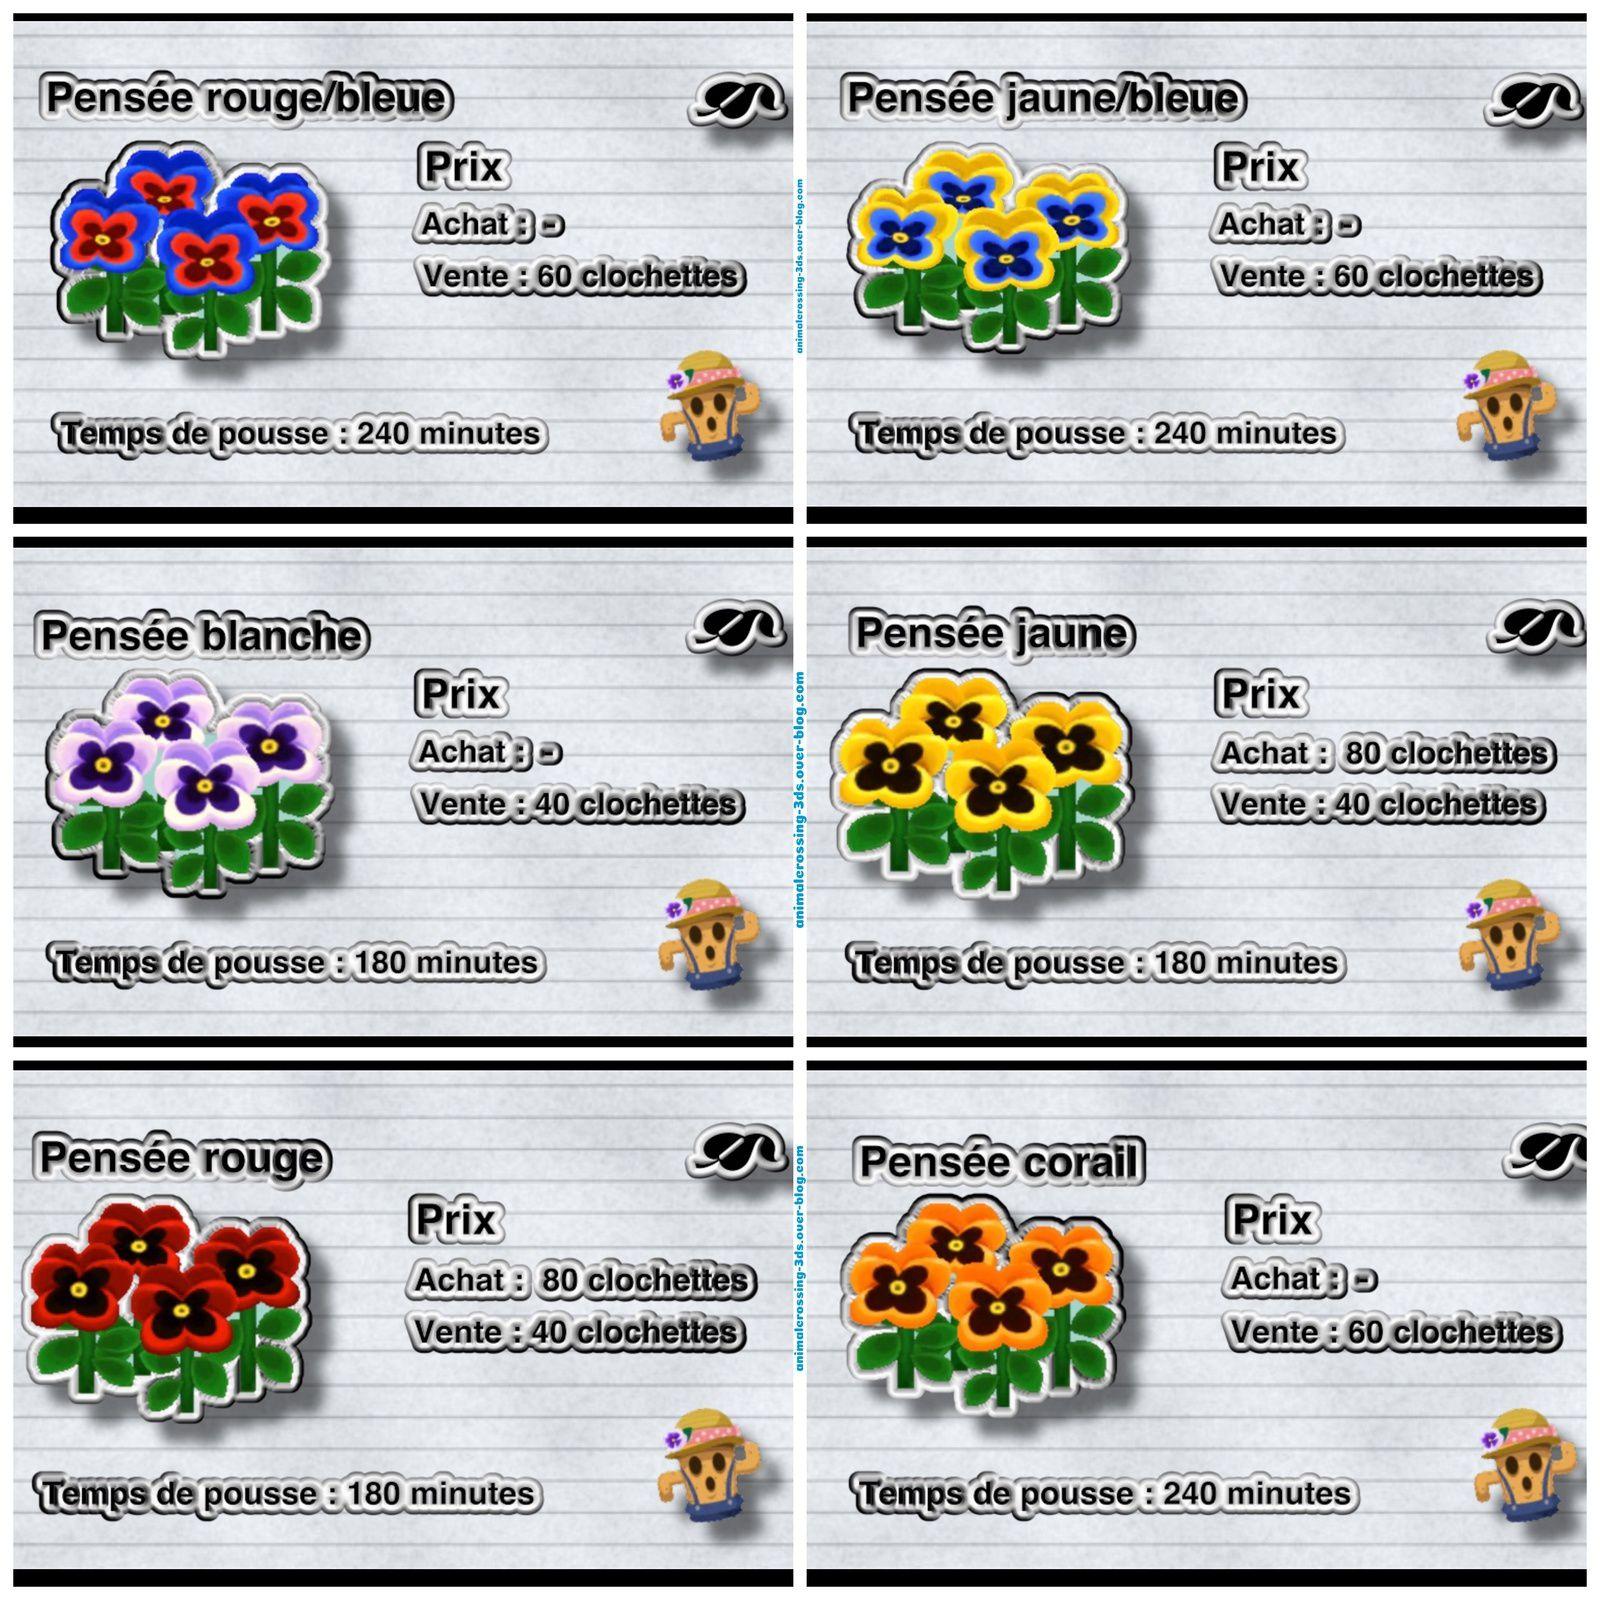 Le Jardin Vous Devez Etre Au Niveau 3 En Cours Animal Crossing